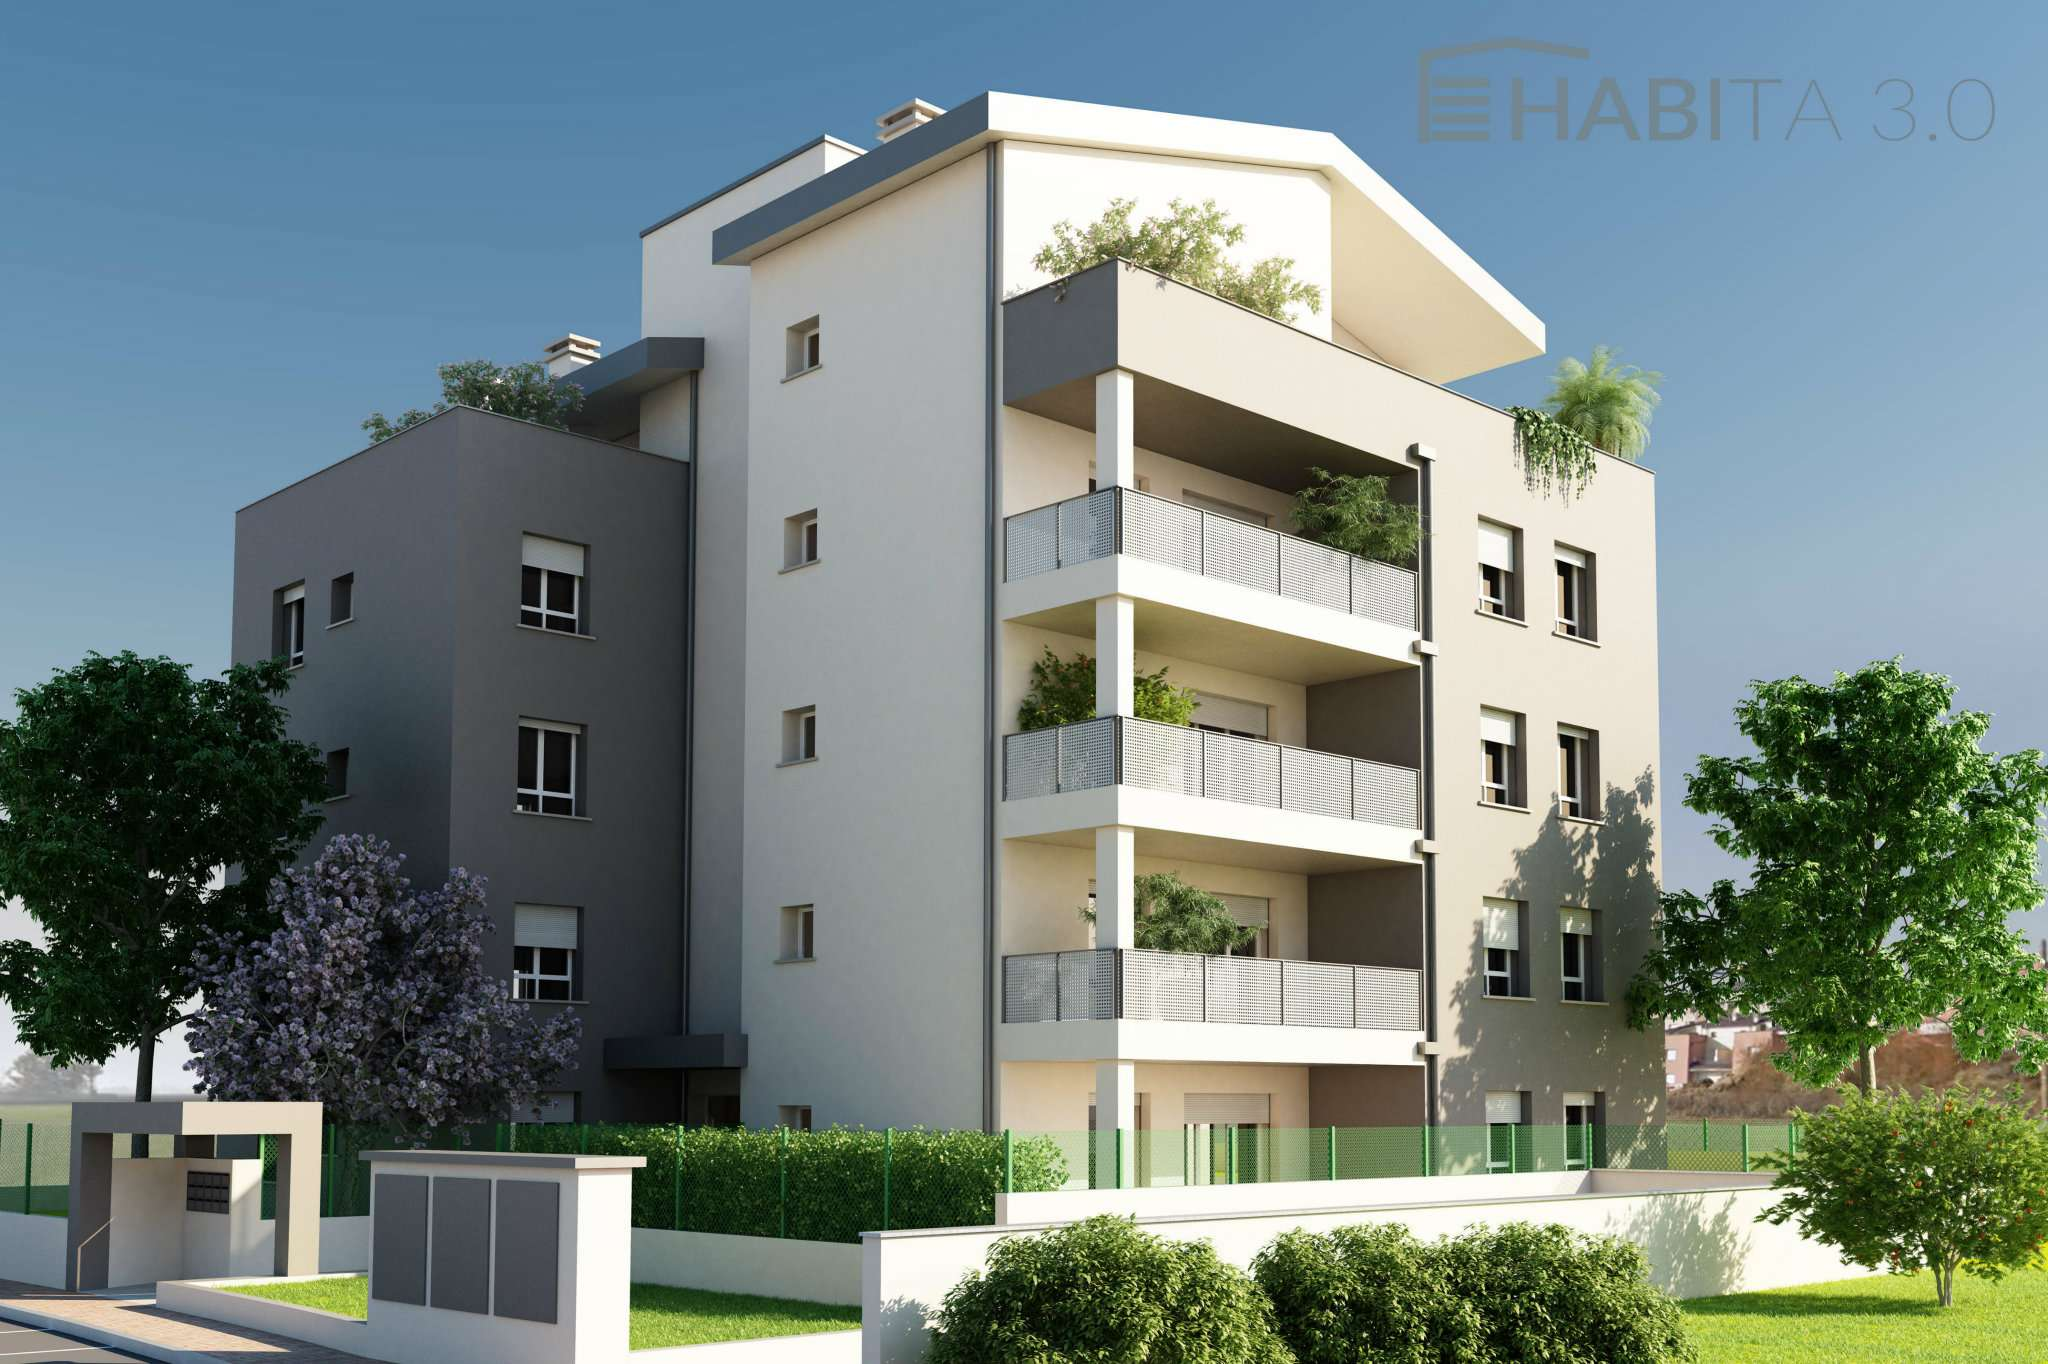 Appartamento in vendita a Granarolo dell'Emilia, 5 locali, prezzo € 330.000 | PortaleAgenzieImmobiliari.it